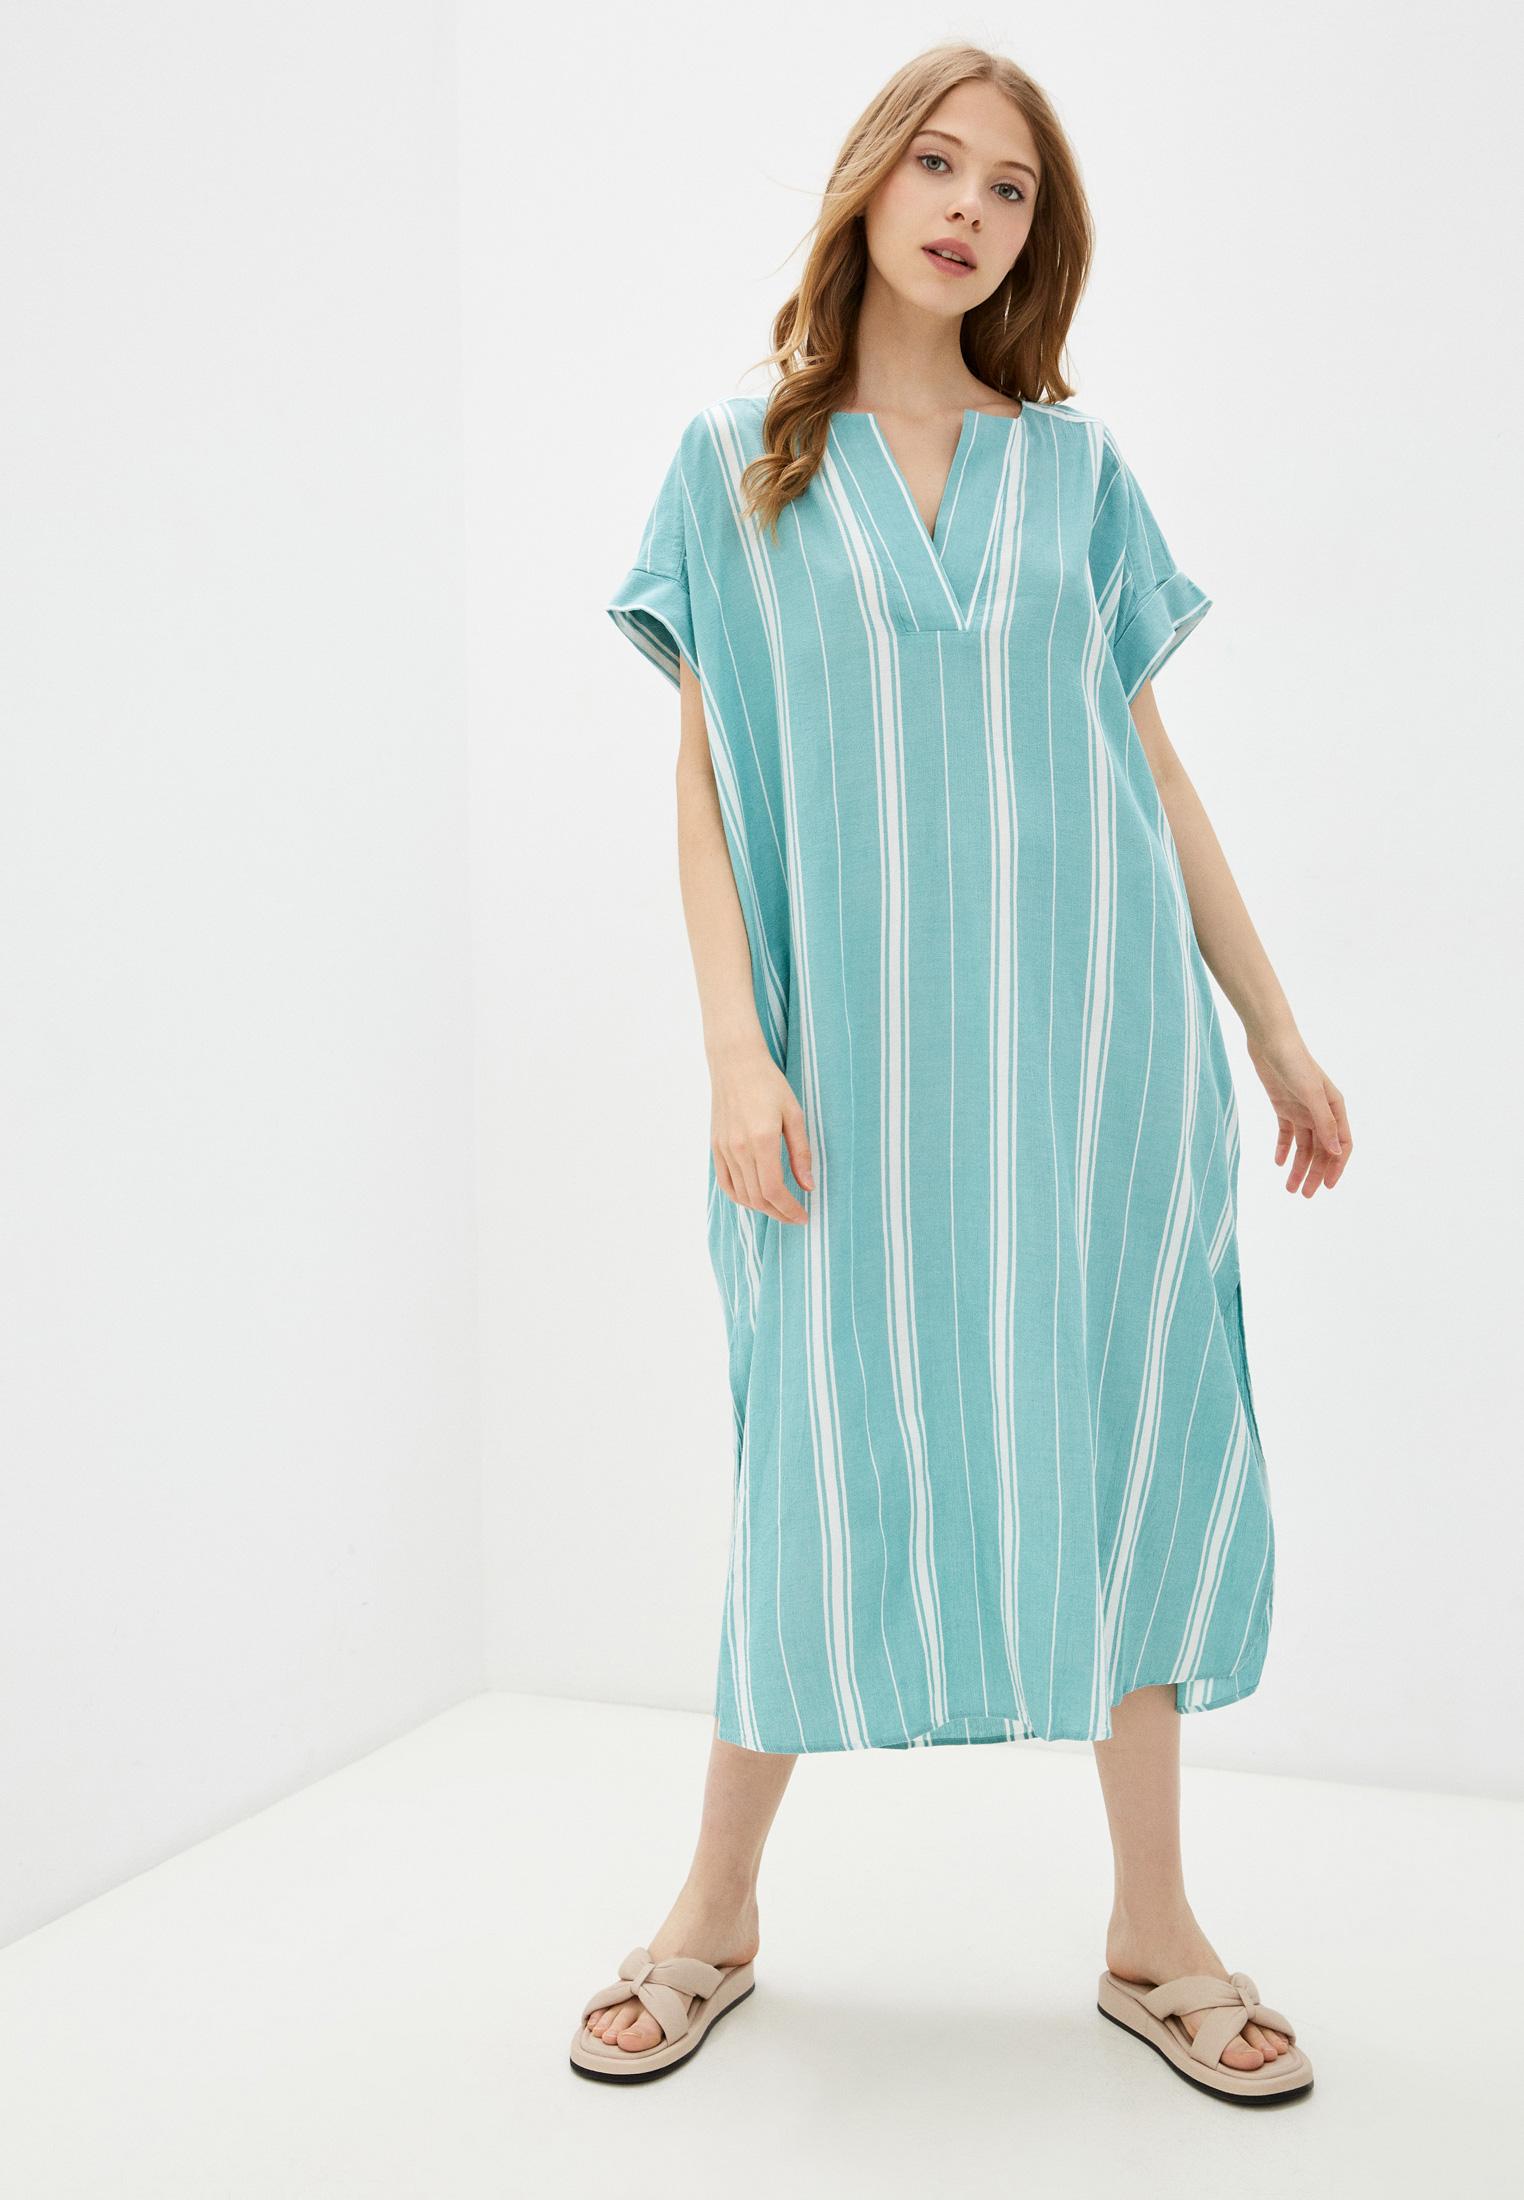 Платье Gant (Гант) Платье Gant